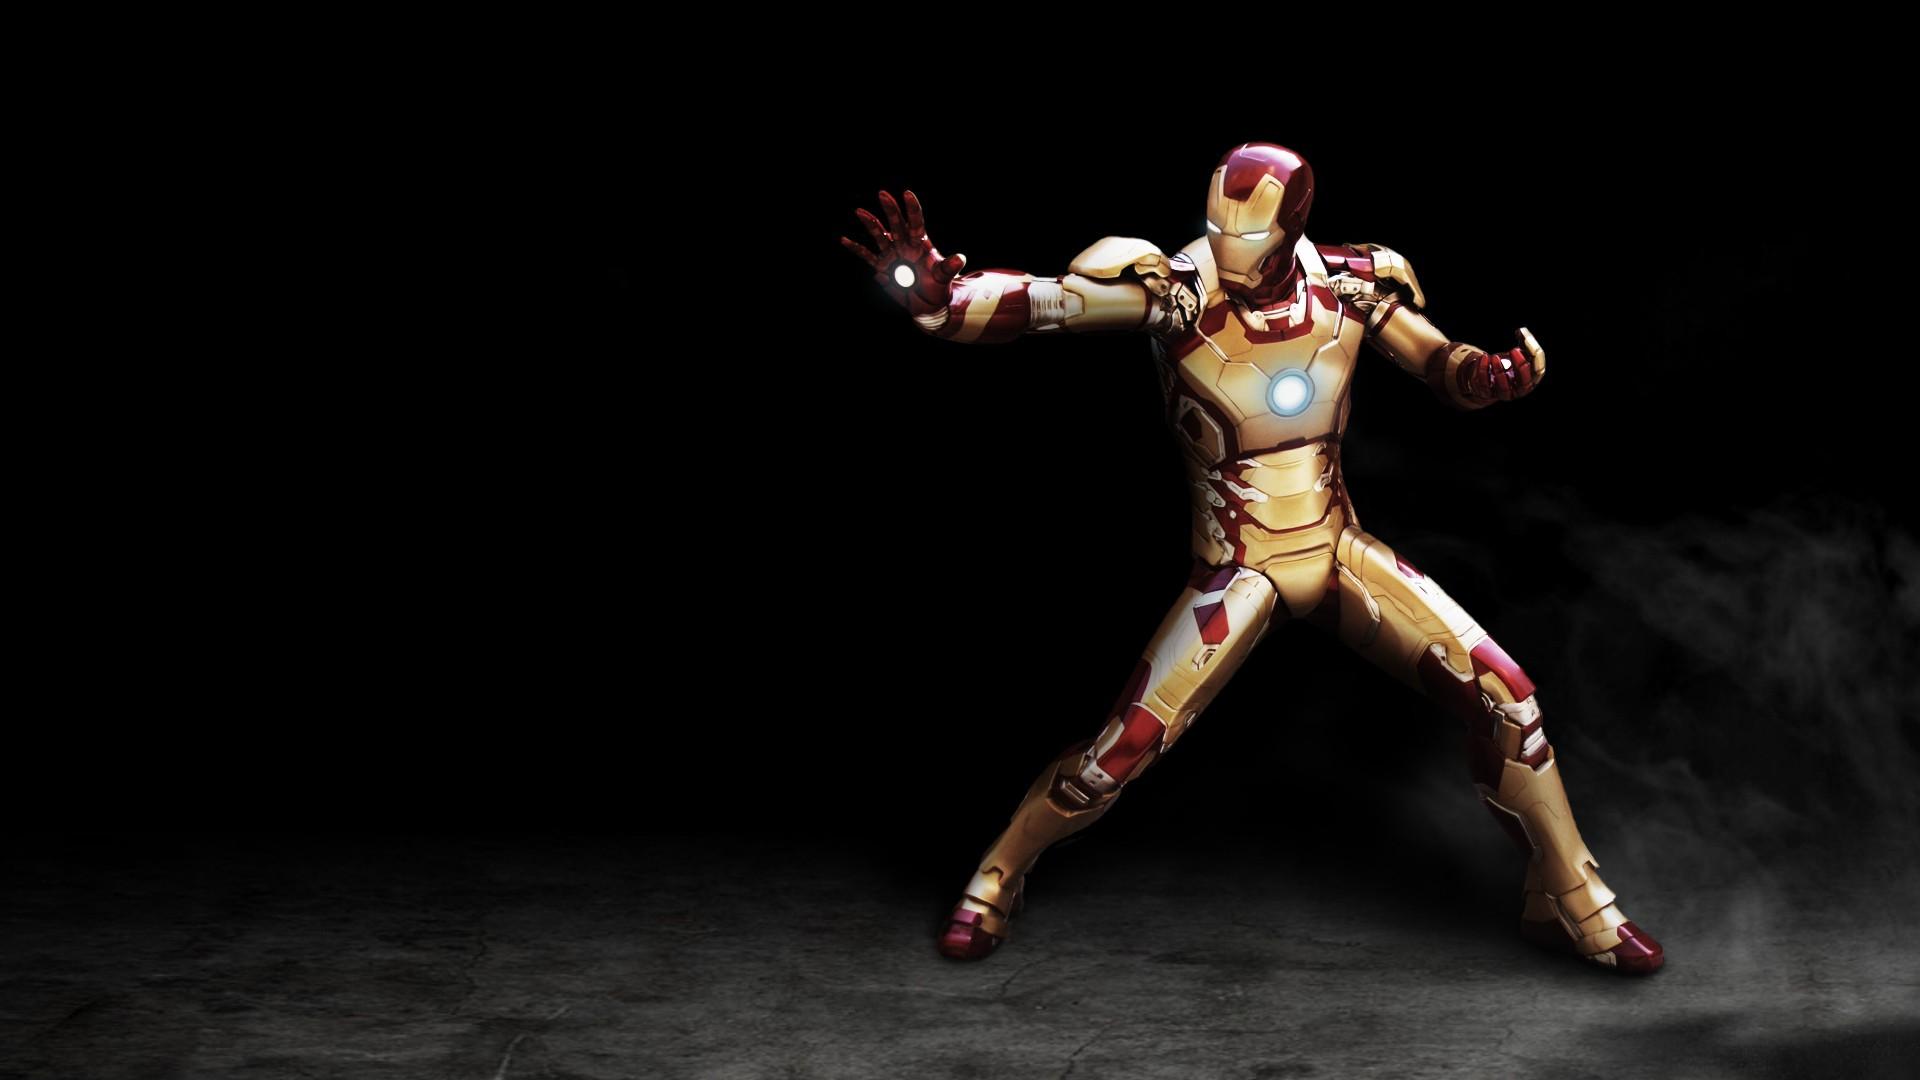 Iron Man 3 - 1920x1080